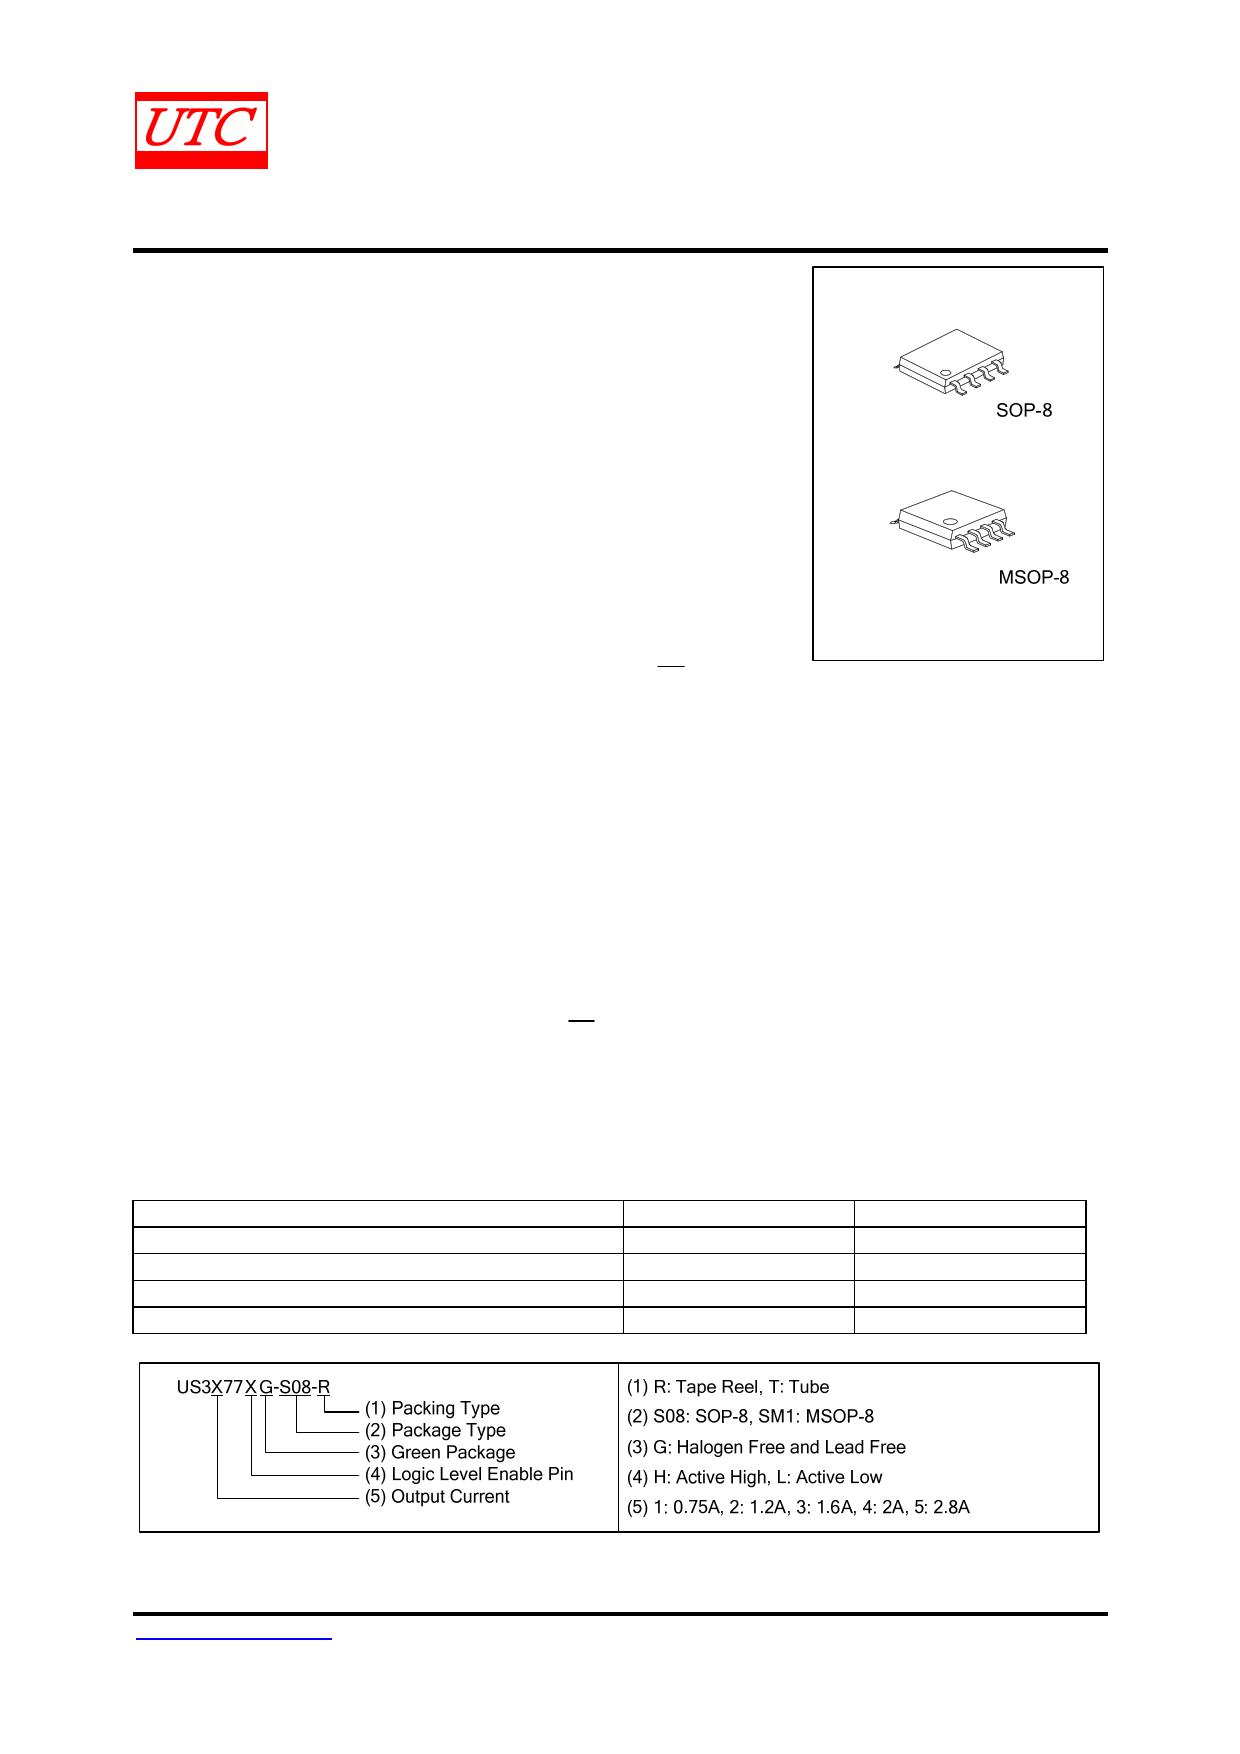 US3477 datasheet